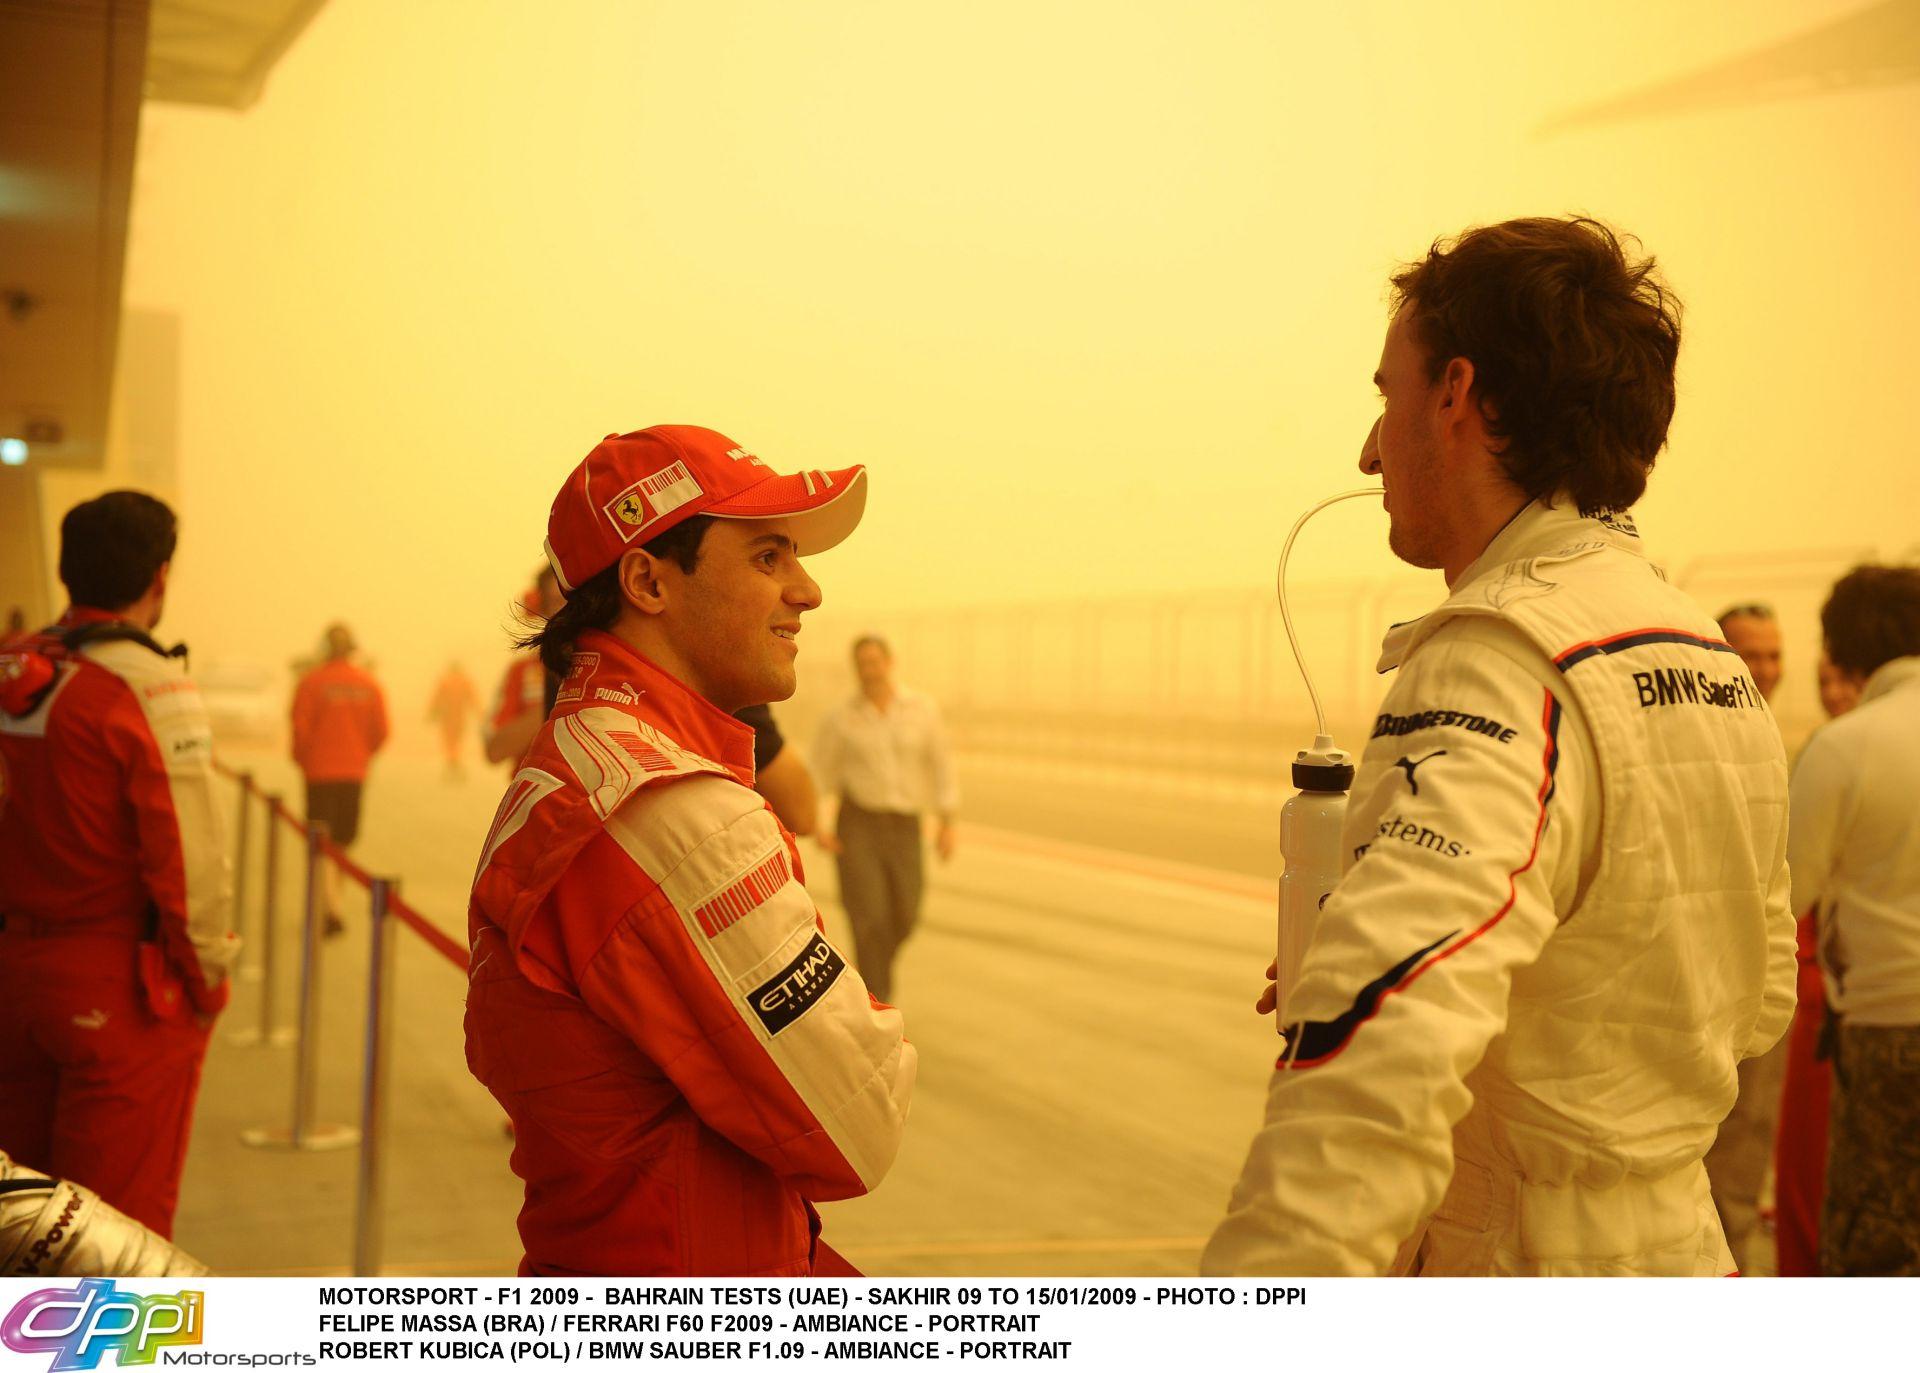 Ami eddig nemigen volt jelen a Forma-1-ben: Homokviharok okozhatnak gondot a Bahreini Nagydíjon